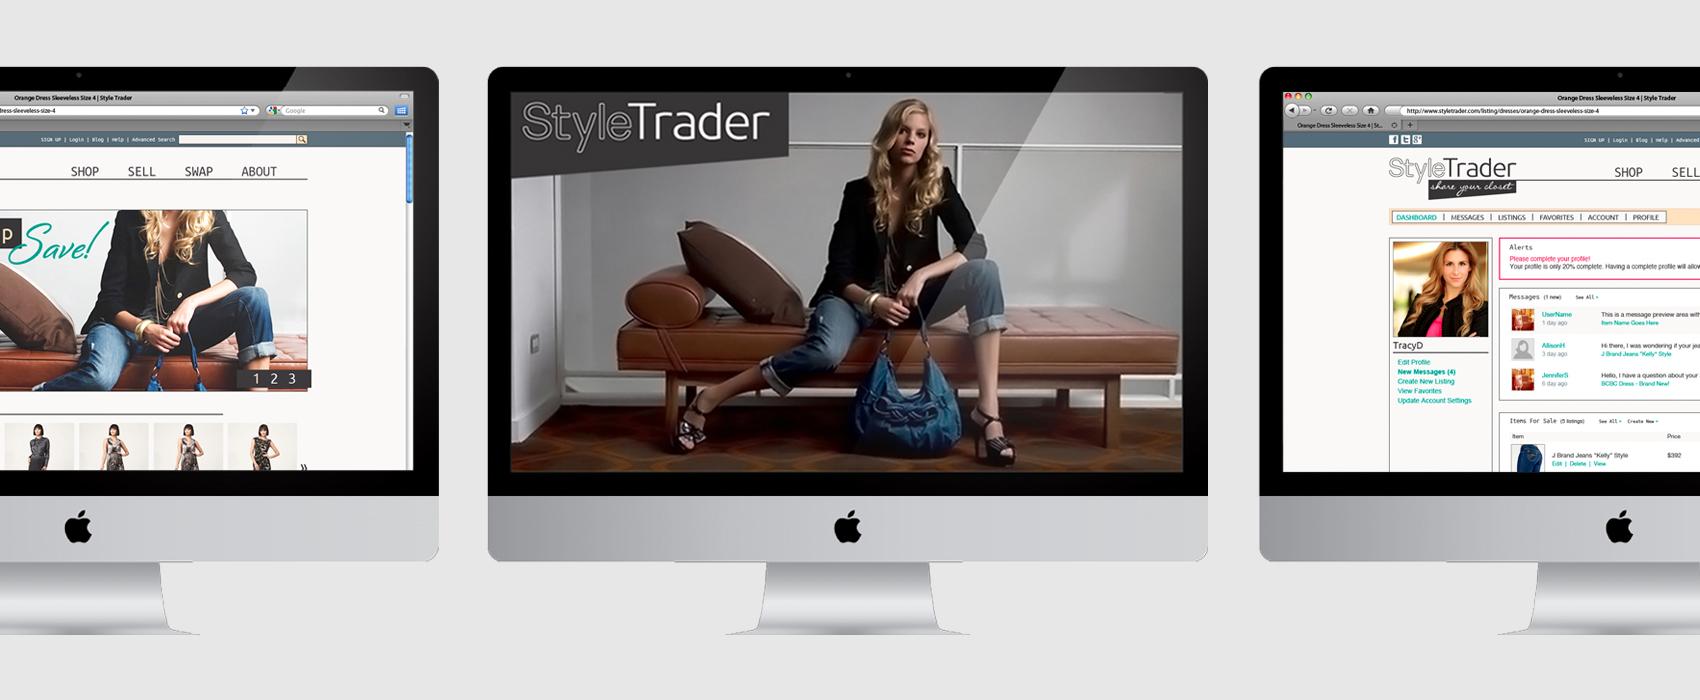 StyleTrader.jpg